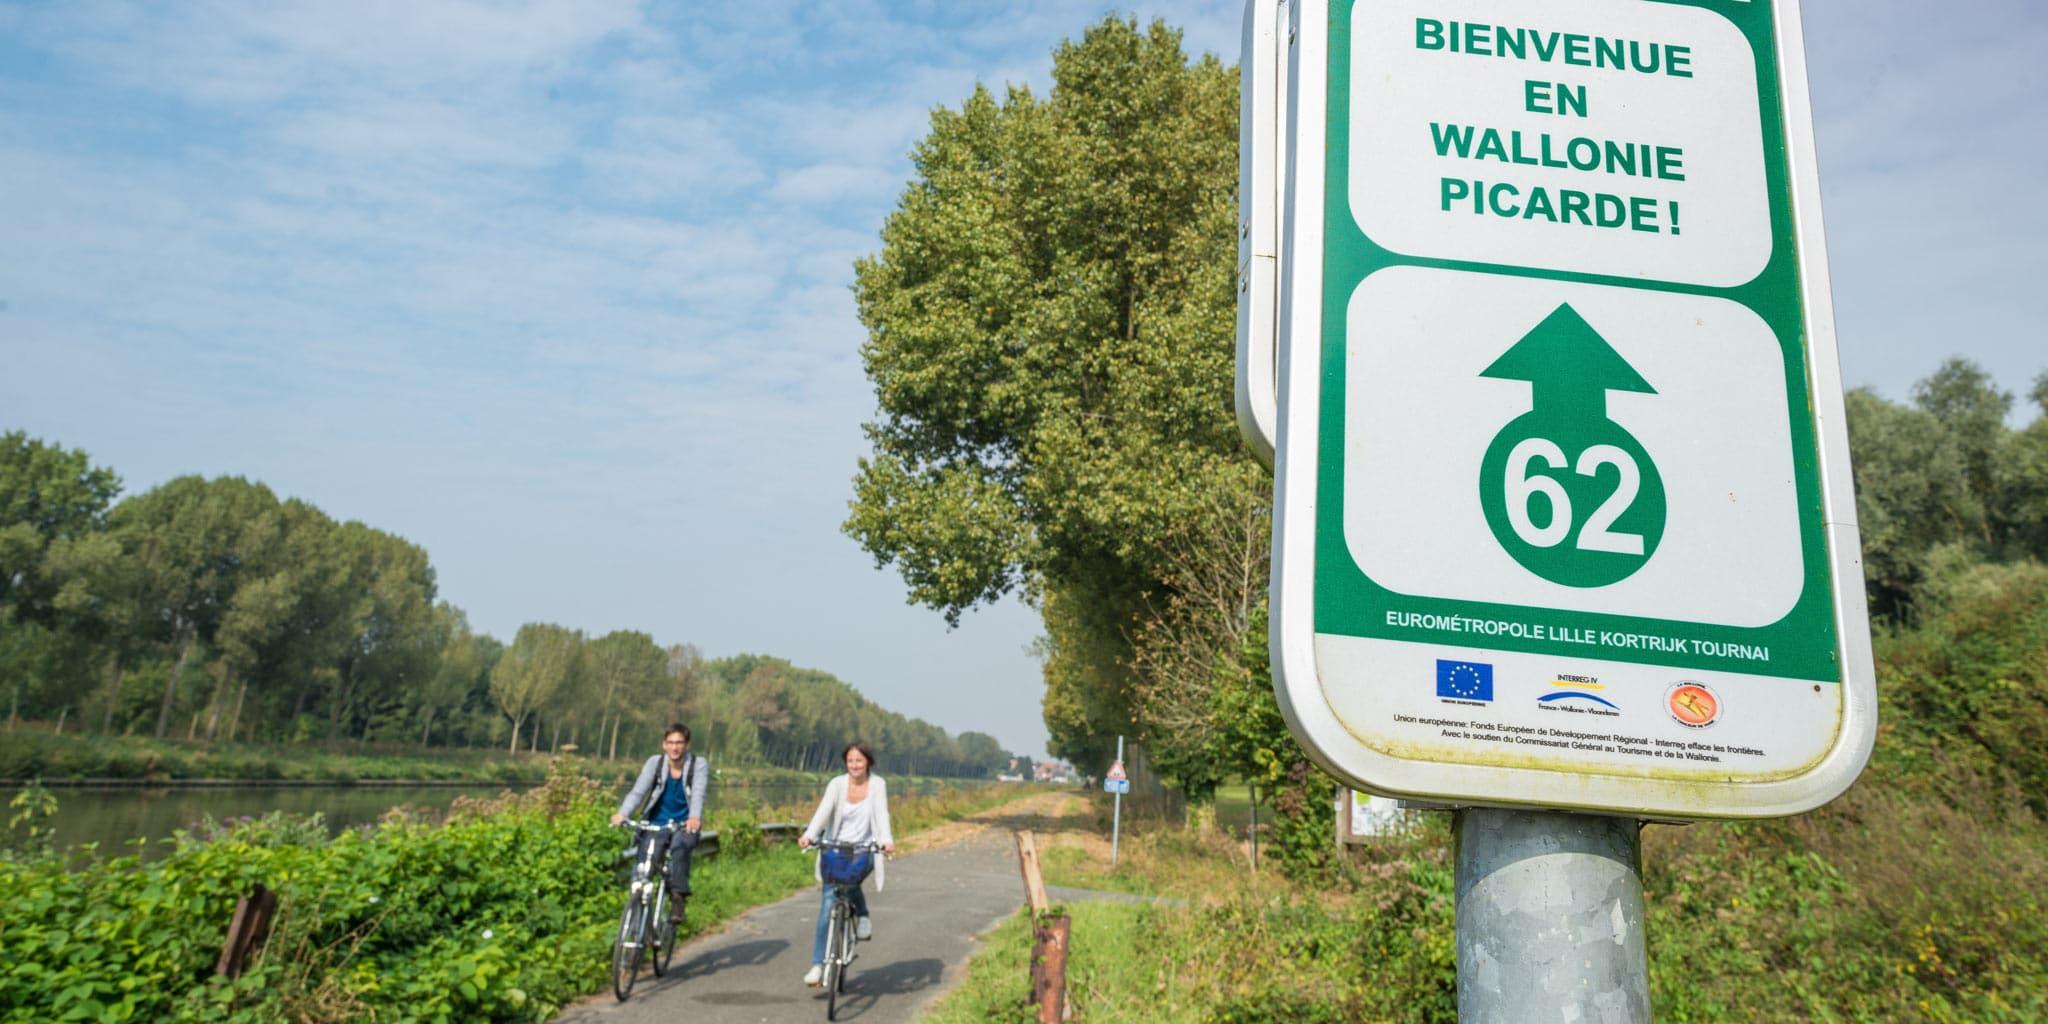 Bord verwelkoming Wallonië Picarde met op de achtergrond twee fietsers